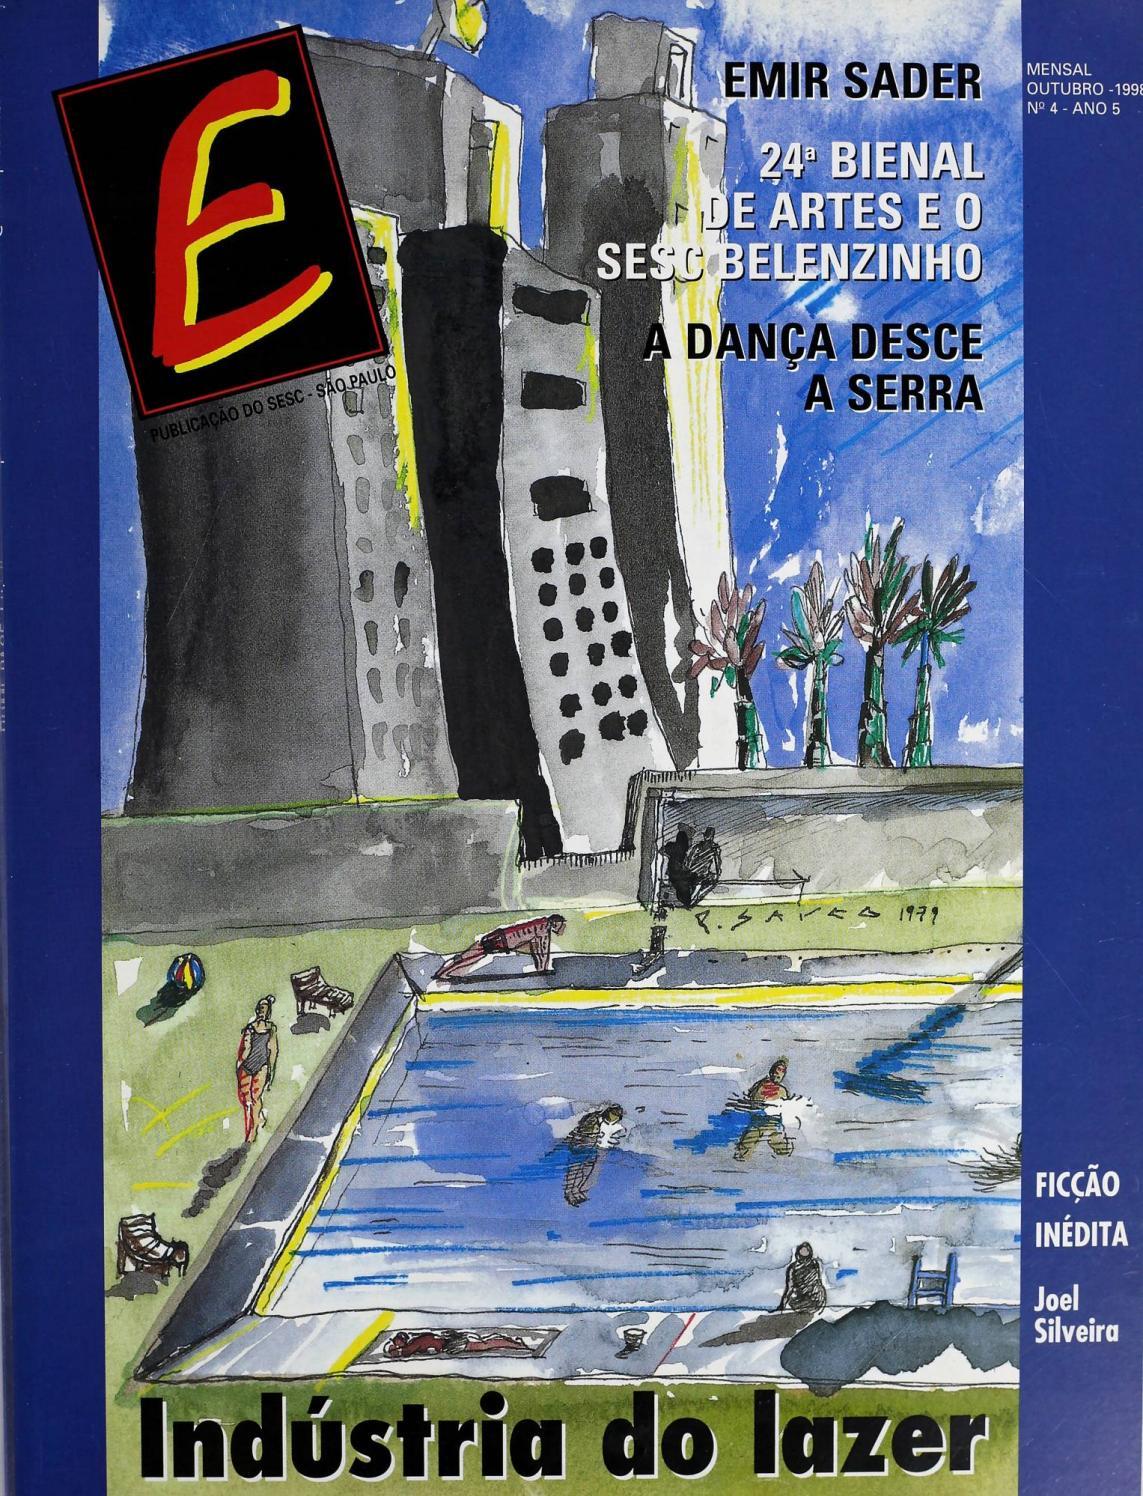 398b8bc348 Revista E - Outubro de 1998 - ANO 5 - Nº 4 by Sesc em São Paulo - issuu